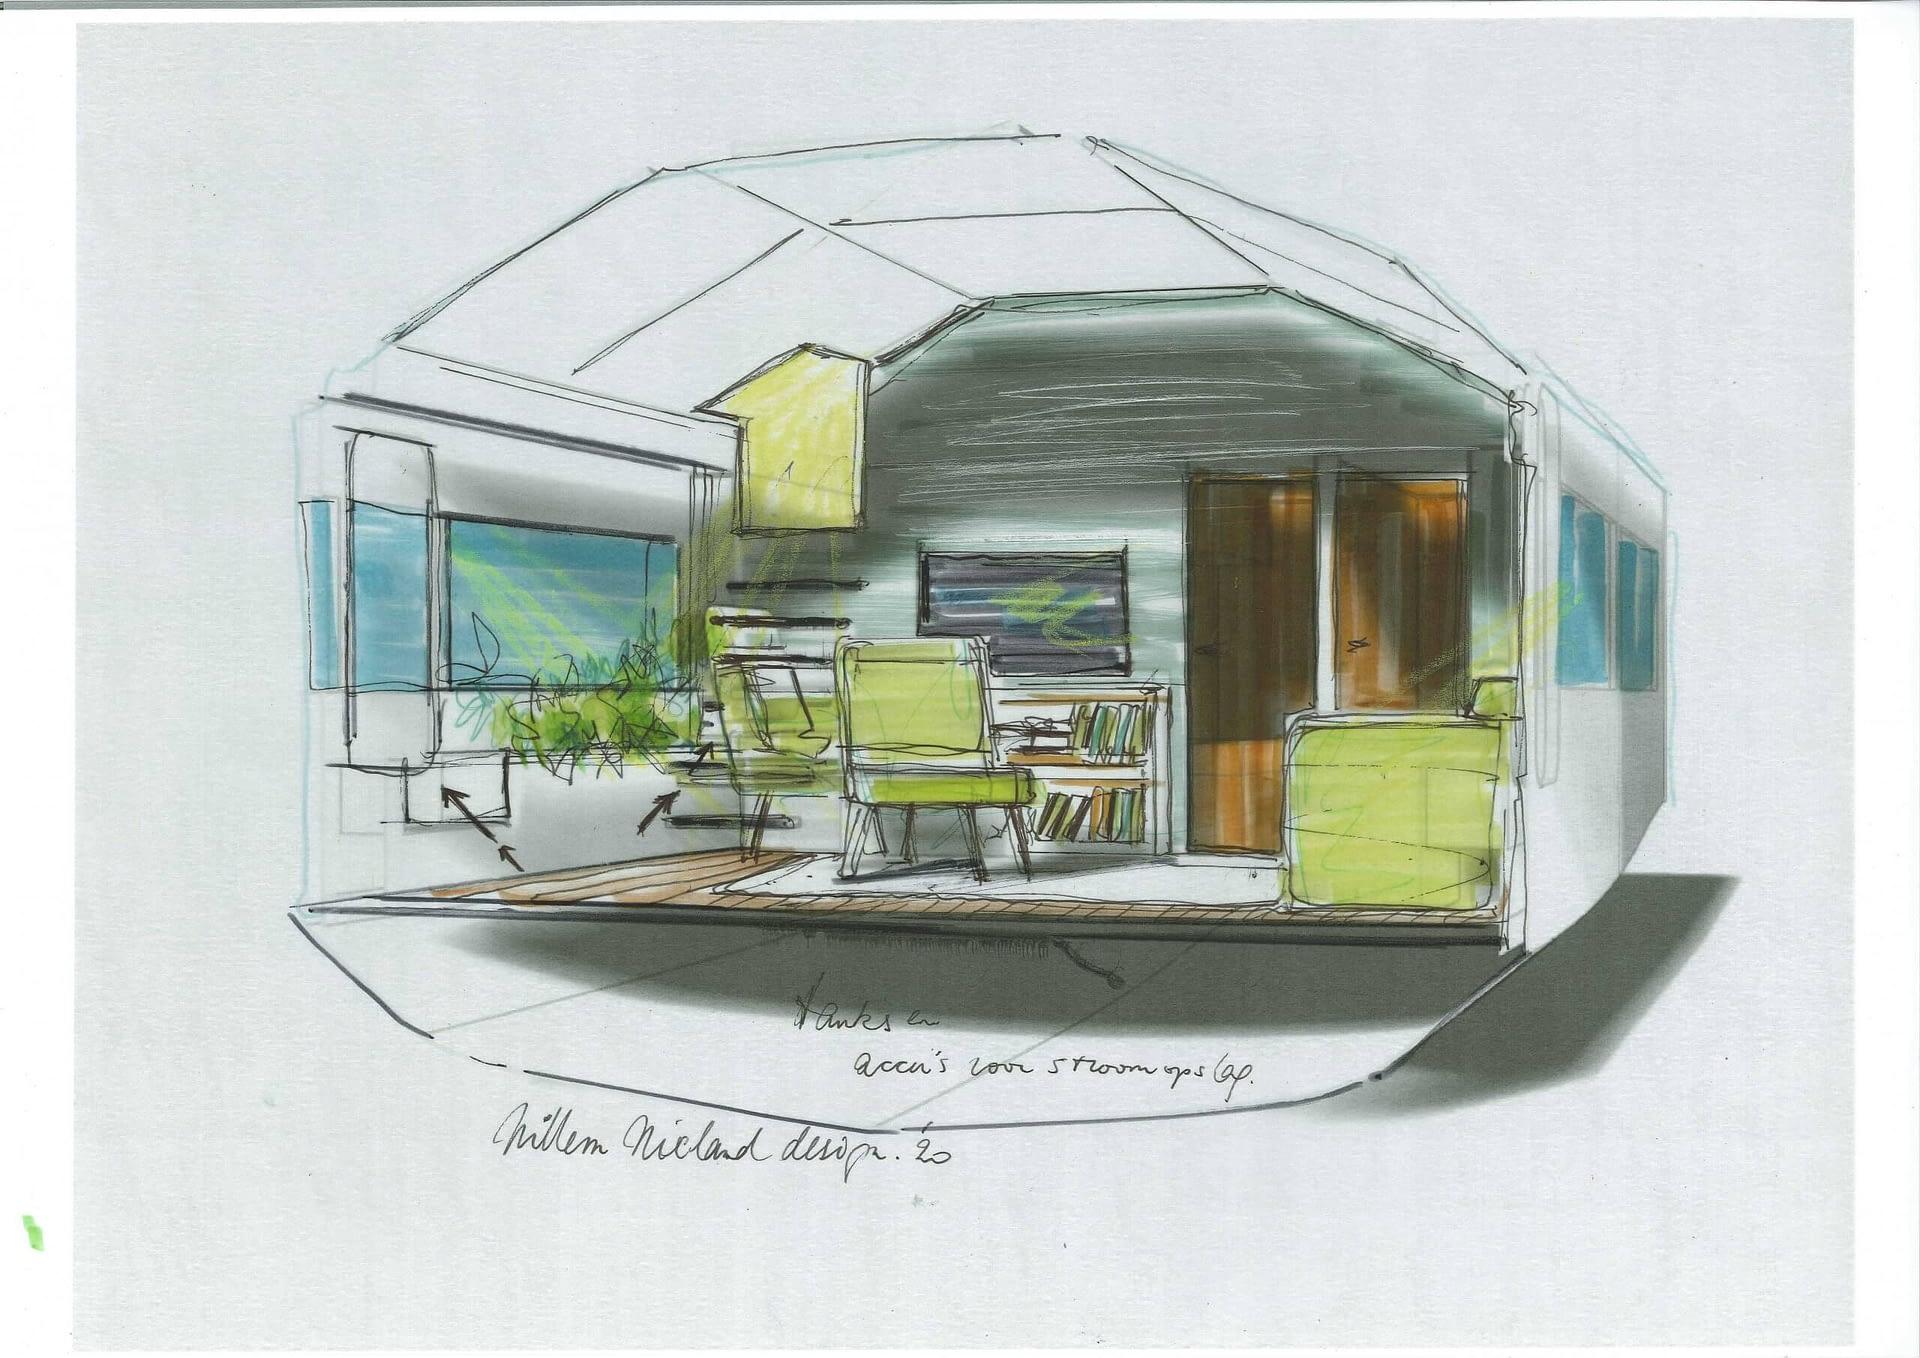 Globemaster 44 Willem Nieland Design Woonjacht HUIZEN010 makelaardij